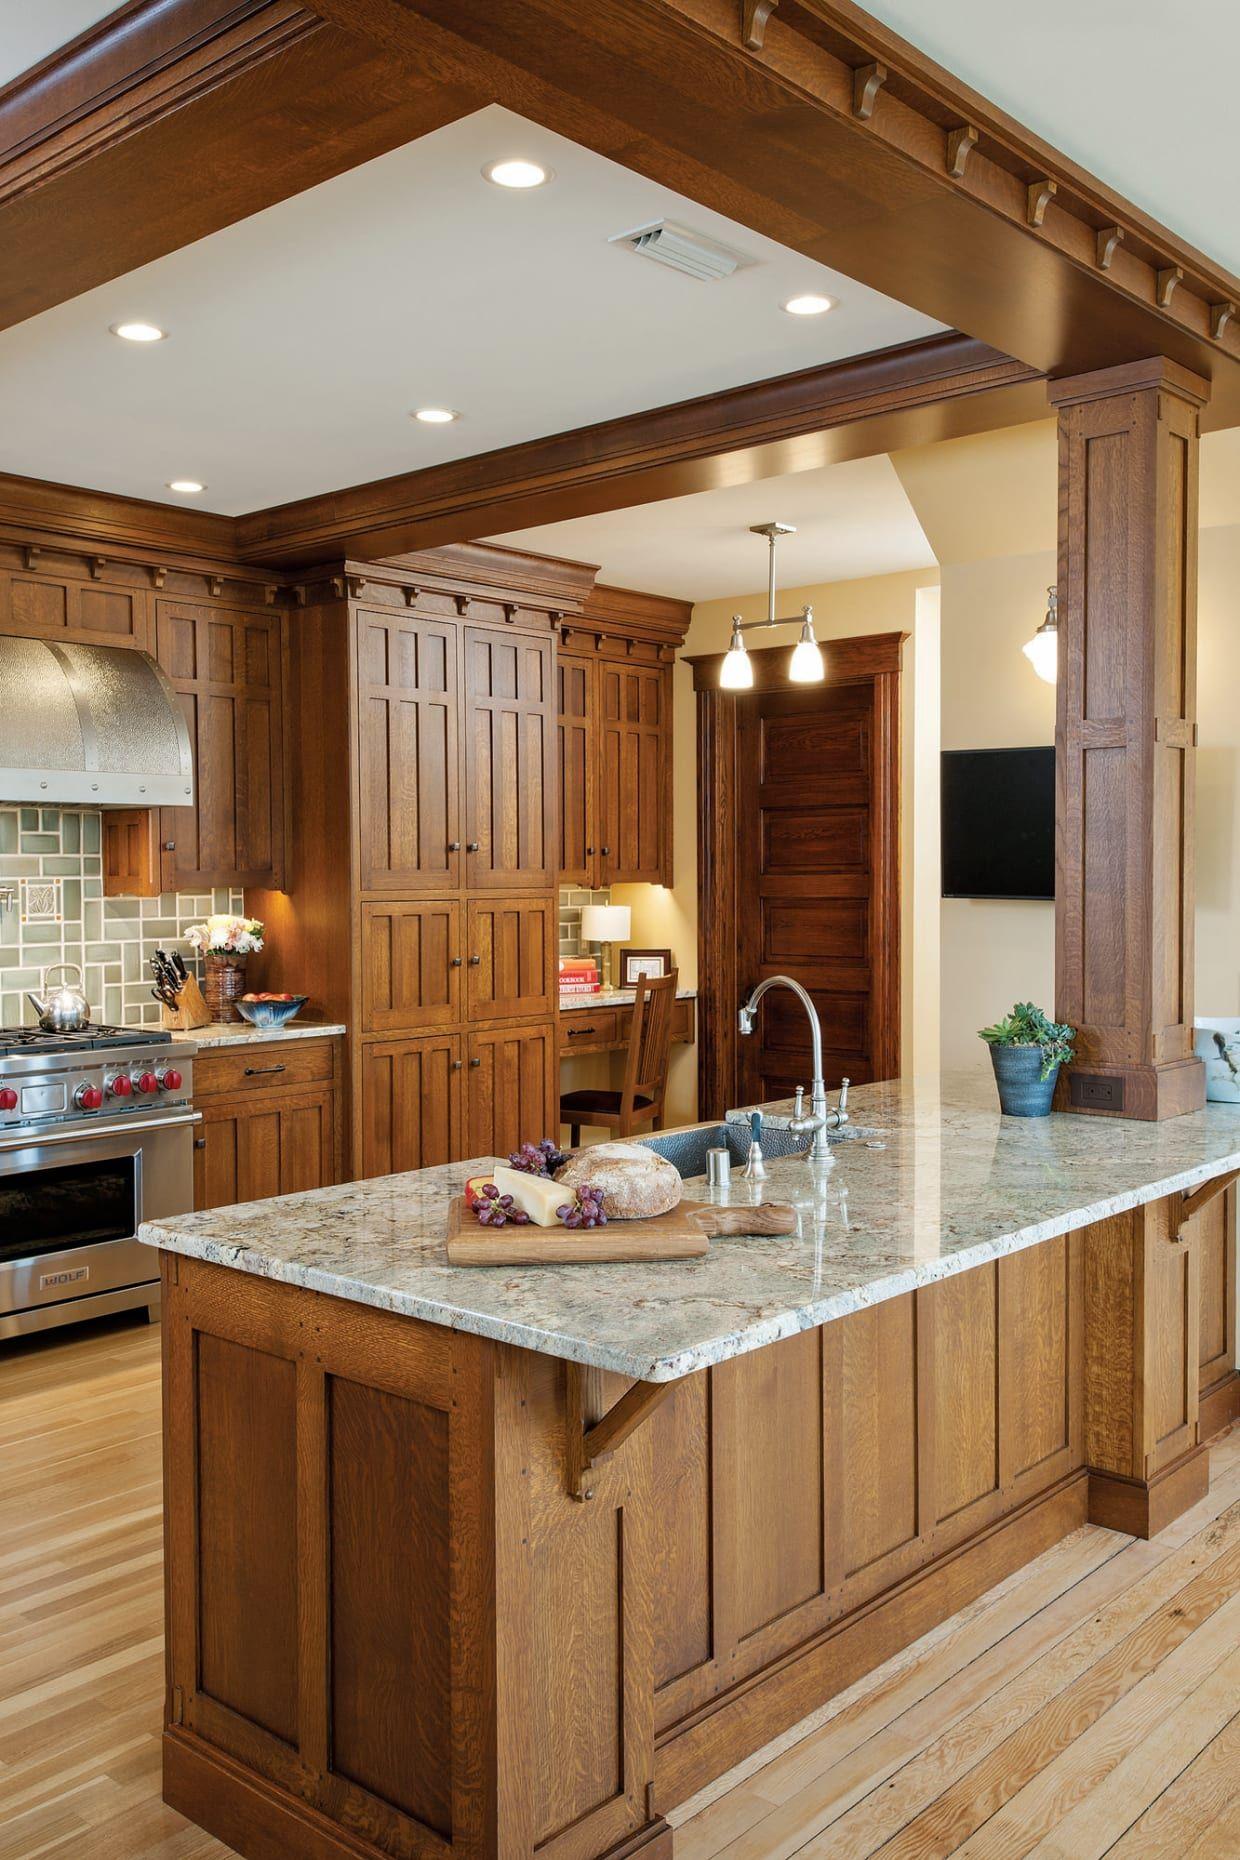 Craftsman Kitchen In 2020 Simple Kitchen Design Craftsman Kitchen Kitchen Styling